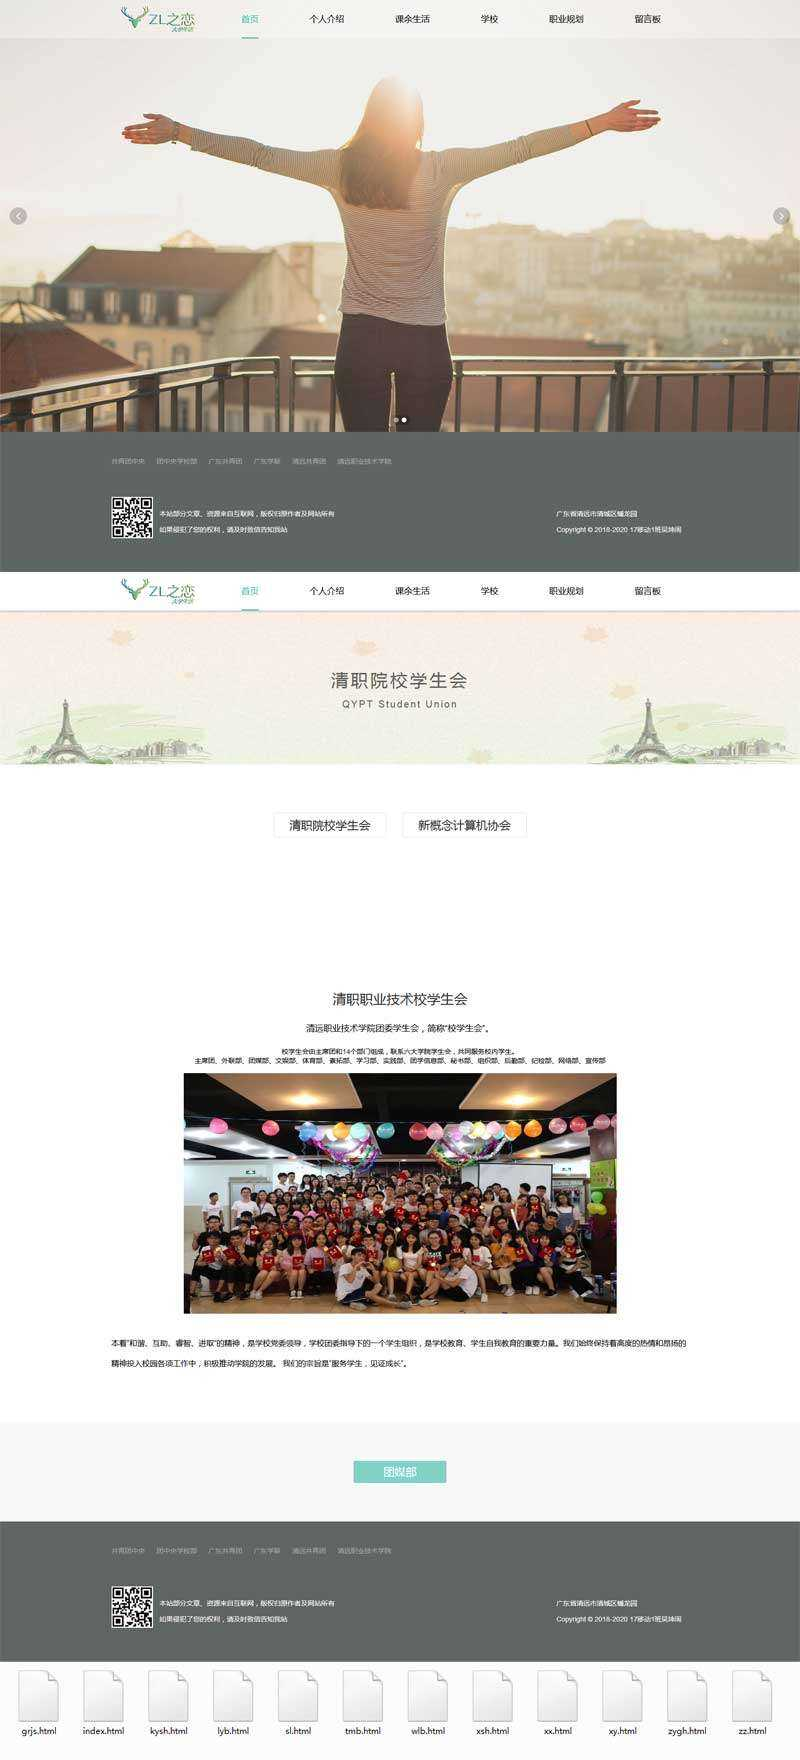 大学生活记录个人网站模板